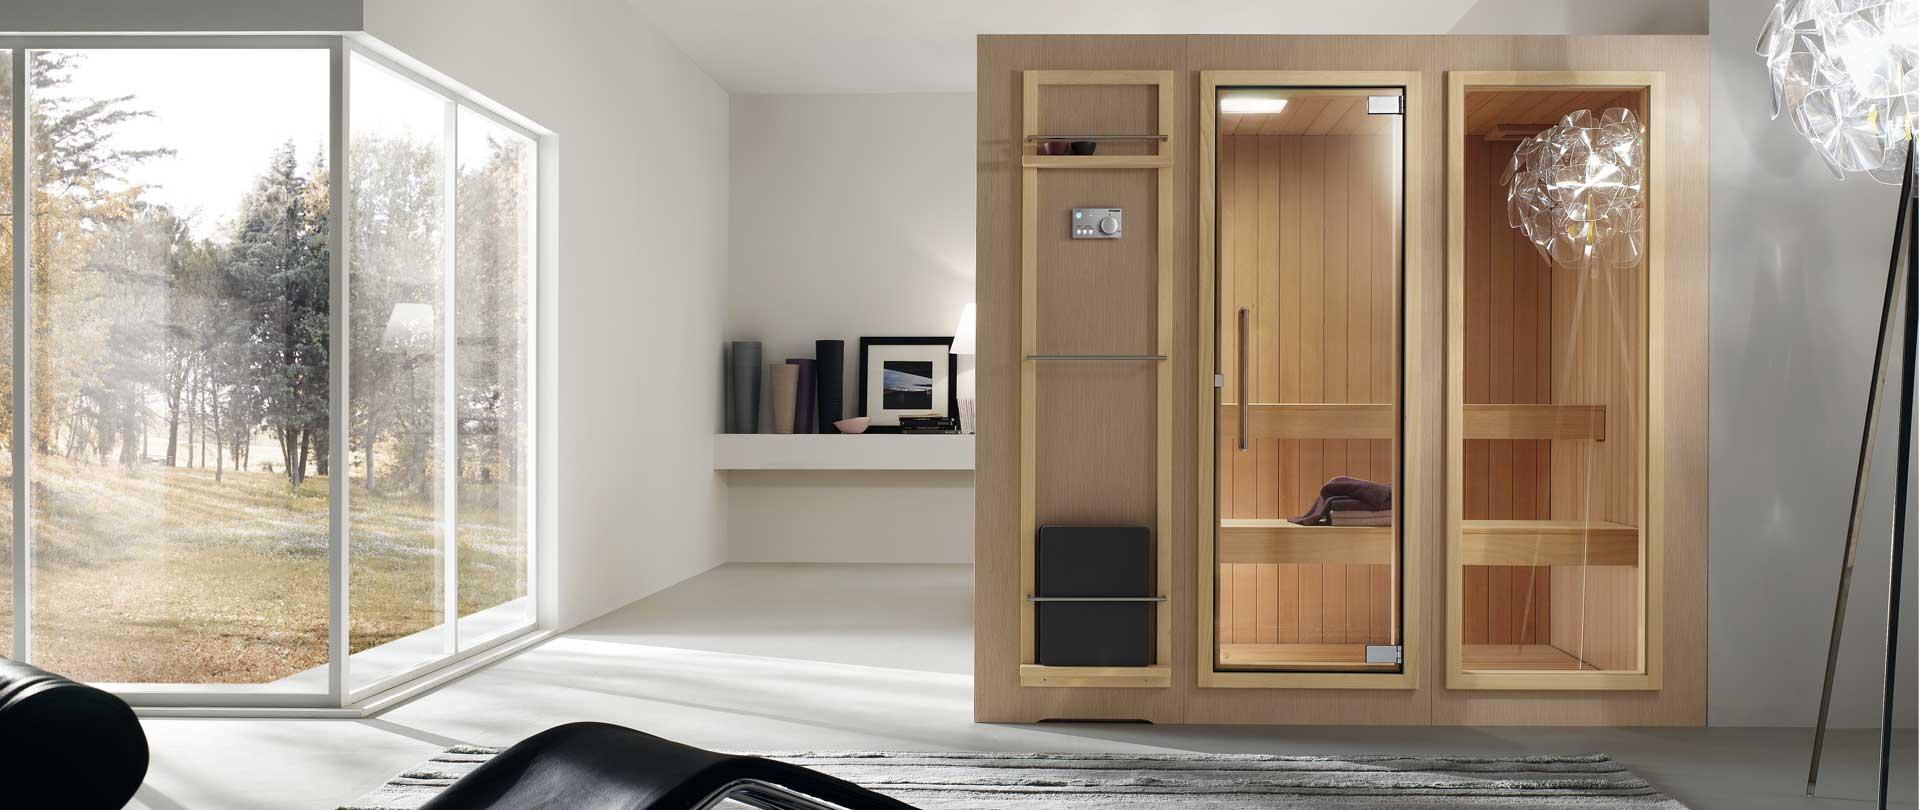 Sauna-interieur-Haute-Savoie-Annecy-koko